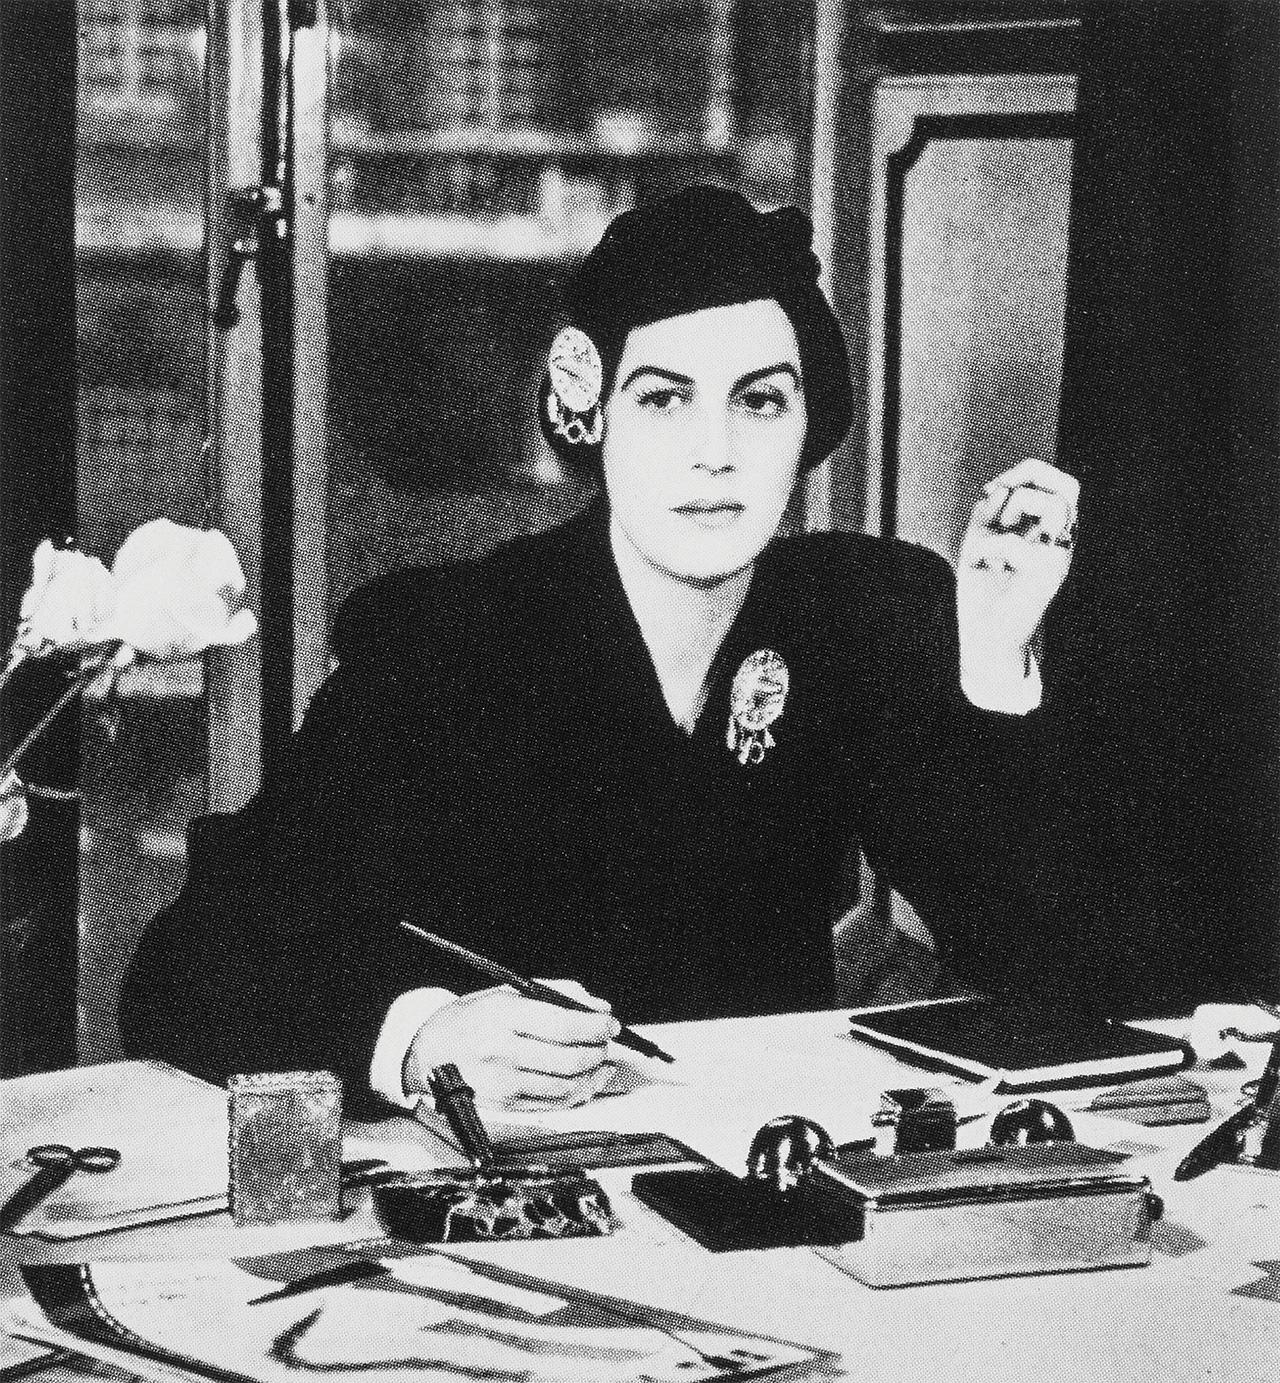 1934년부터 1945년까지 미국과 영국 <바자>에서 일한 제임스 로드니 부인(photo by Francis Kollar)